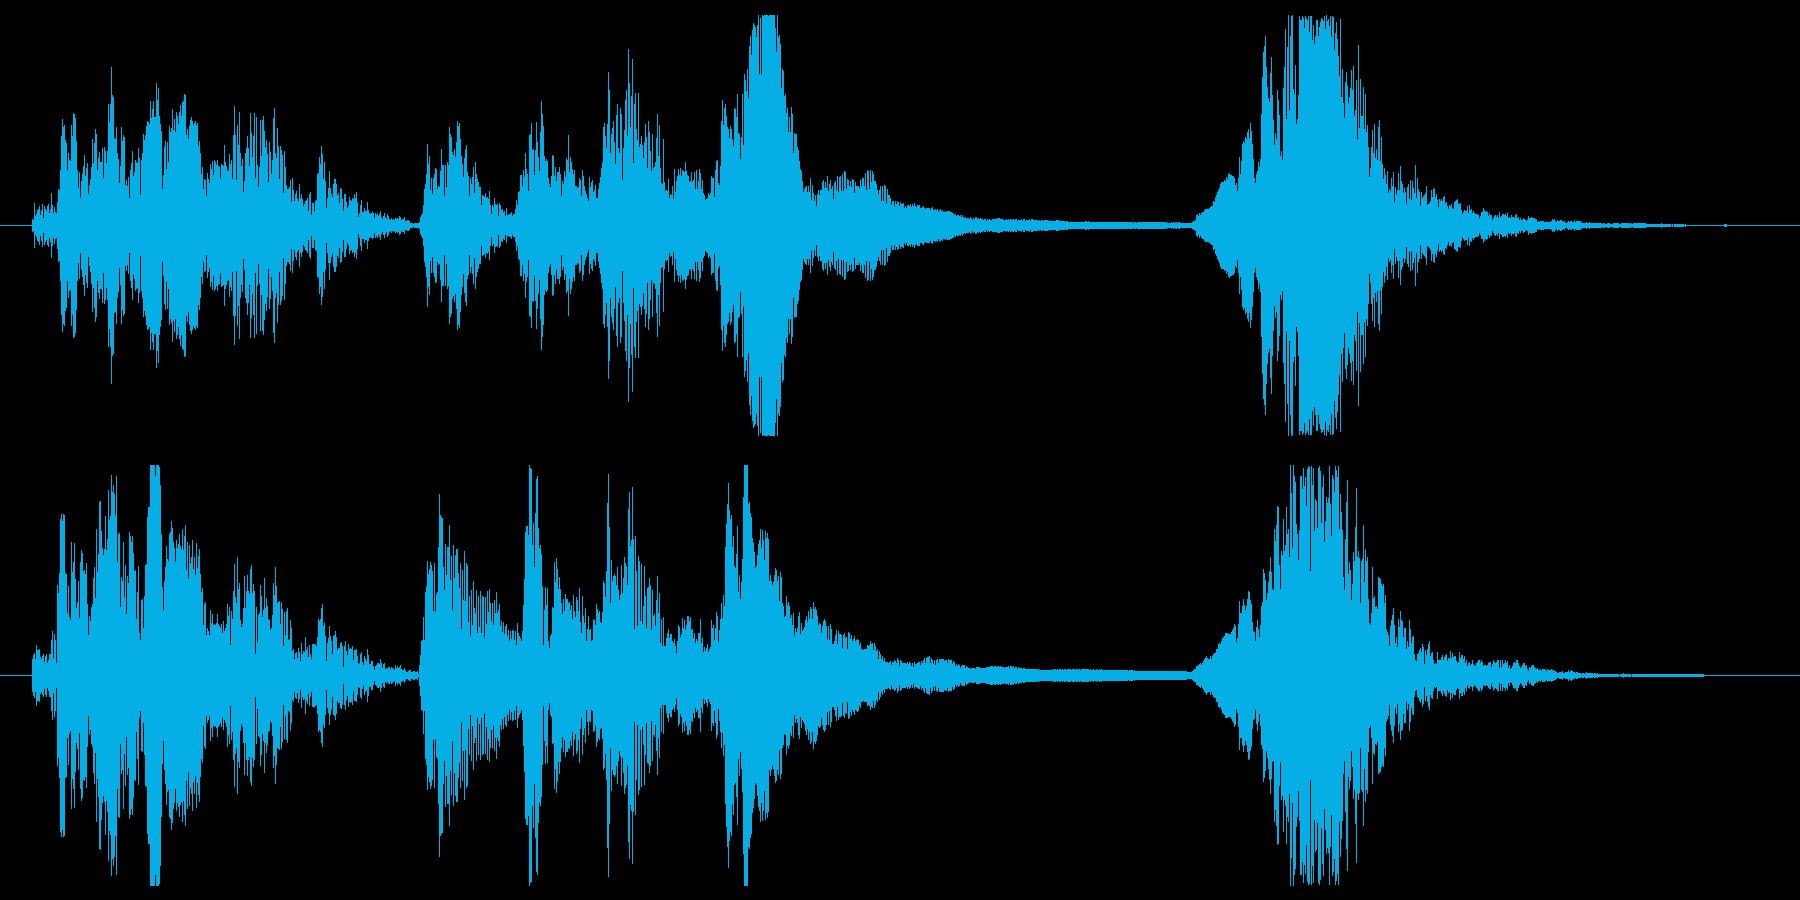 遊び心のあるコメディT.V.スティ...の再生済みの波形